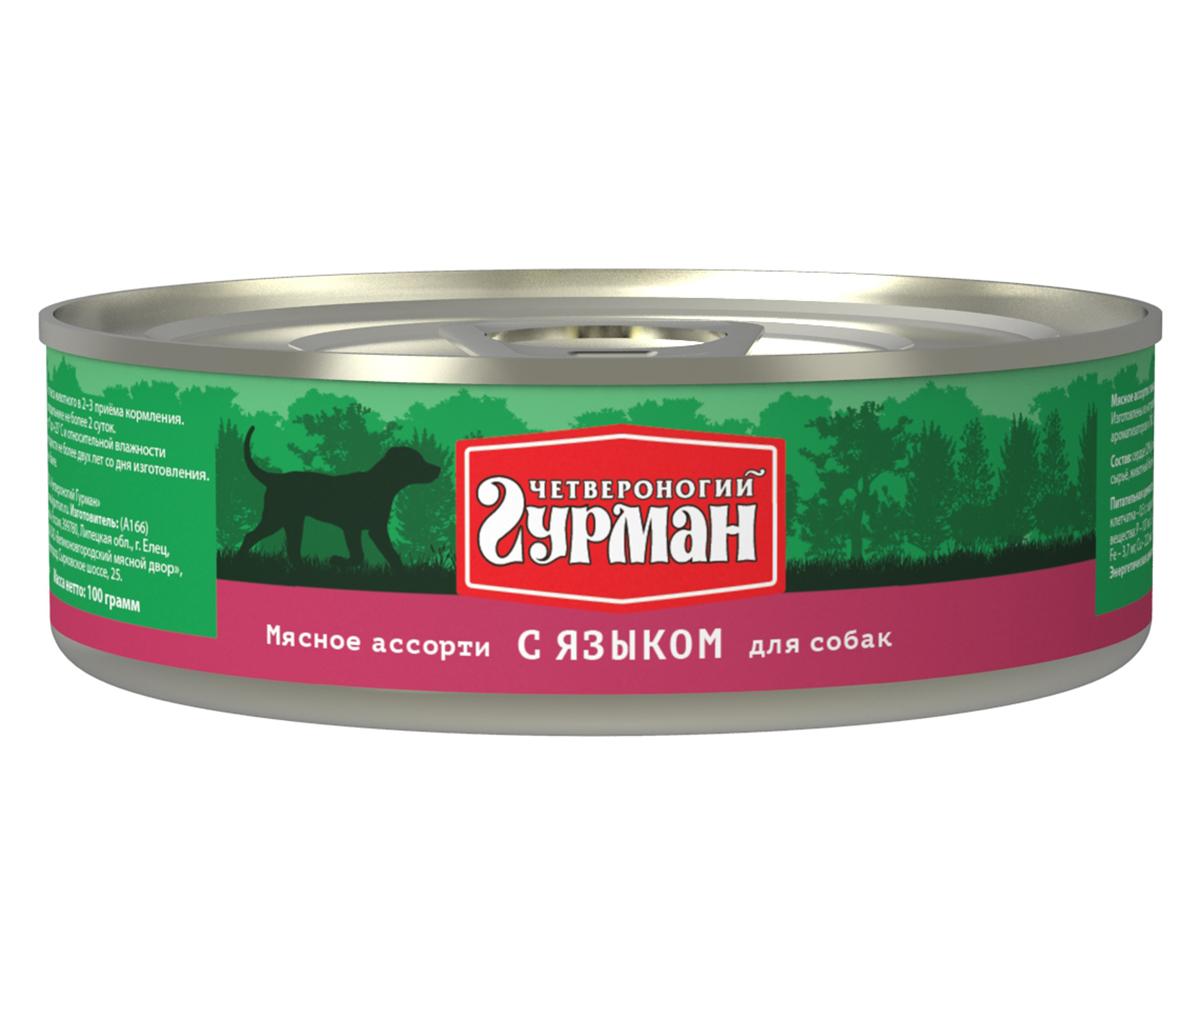 Консервы для собак Четвероногий гурман Мясное ассорти с языком, 100 г103101012Мясное ассорти - влажный мясной корм суперпремиум класса, состоящий из разных сортов мяса и качественных субпродуктов. Ведущая линейка торговой марки Четвероногий гурман. По консистенции продукт представляет собой кусочки из фарша размером 3-15 мм. В состав входит коллаген. Его компоненты (хондроитин и глюкозамин) положительно воздействуют на суставы питомца. Корм не содержит злаков и овощей. Состав: сердце (28%), язык (6%), рубец, легкое, печень, коллагенсодержащее сырьё, животный белок, масло растительное, соль, вода. Вес: 100 г.